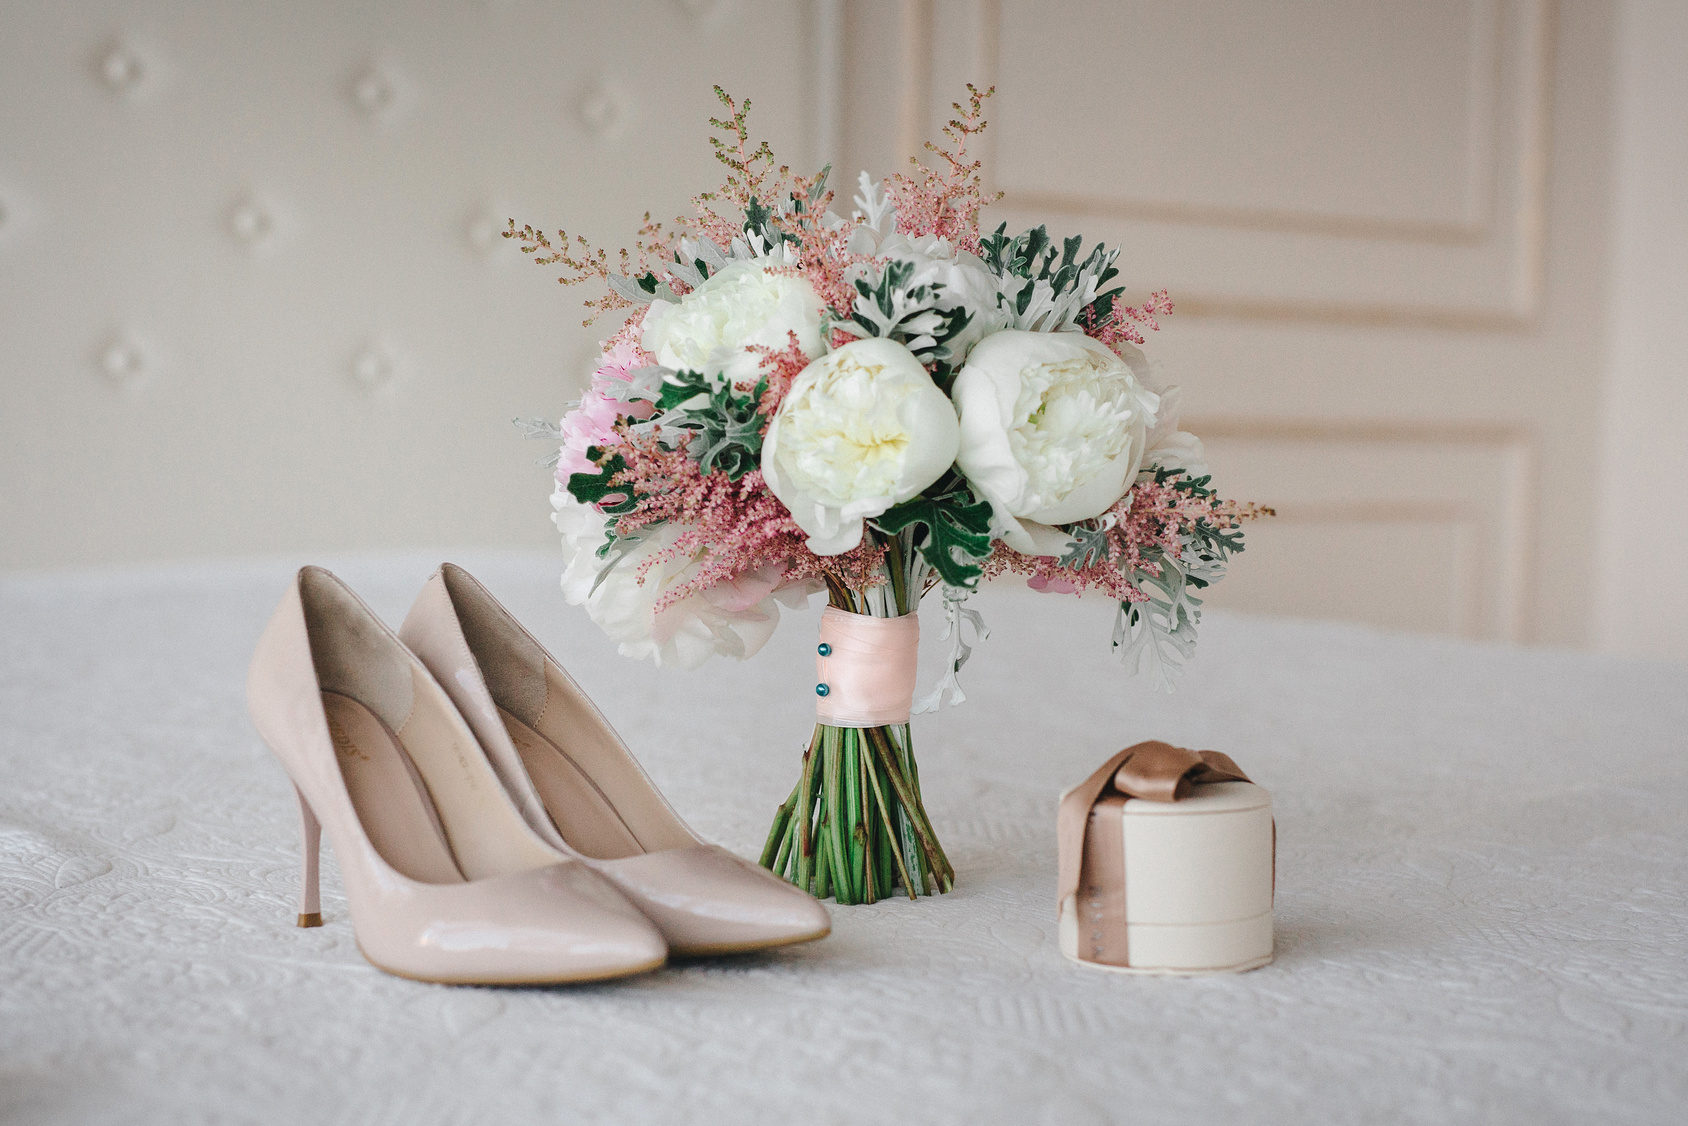 bukiet ślubny z białych peonii, buty ślubny na wysokim obcasie, pudełko an obrączki